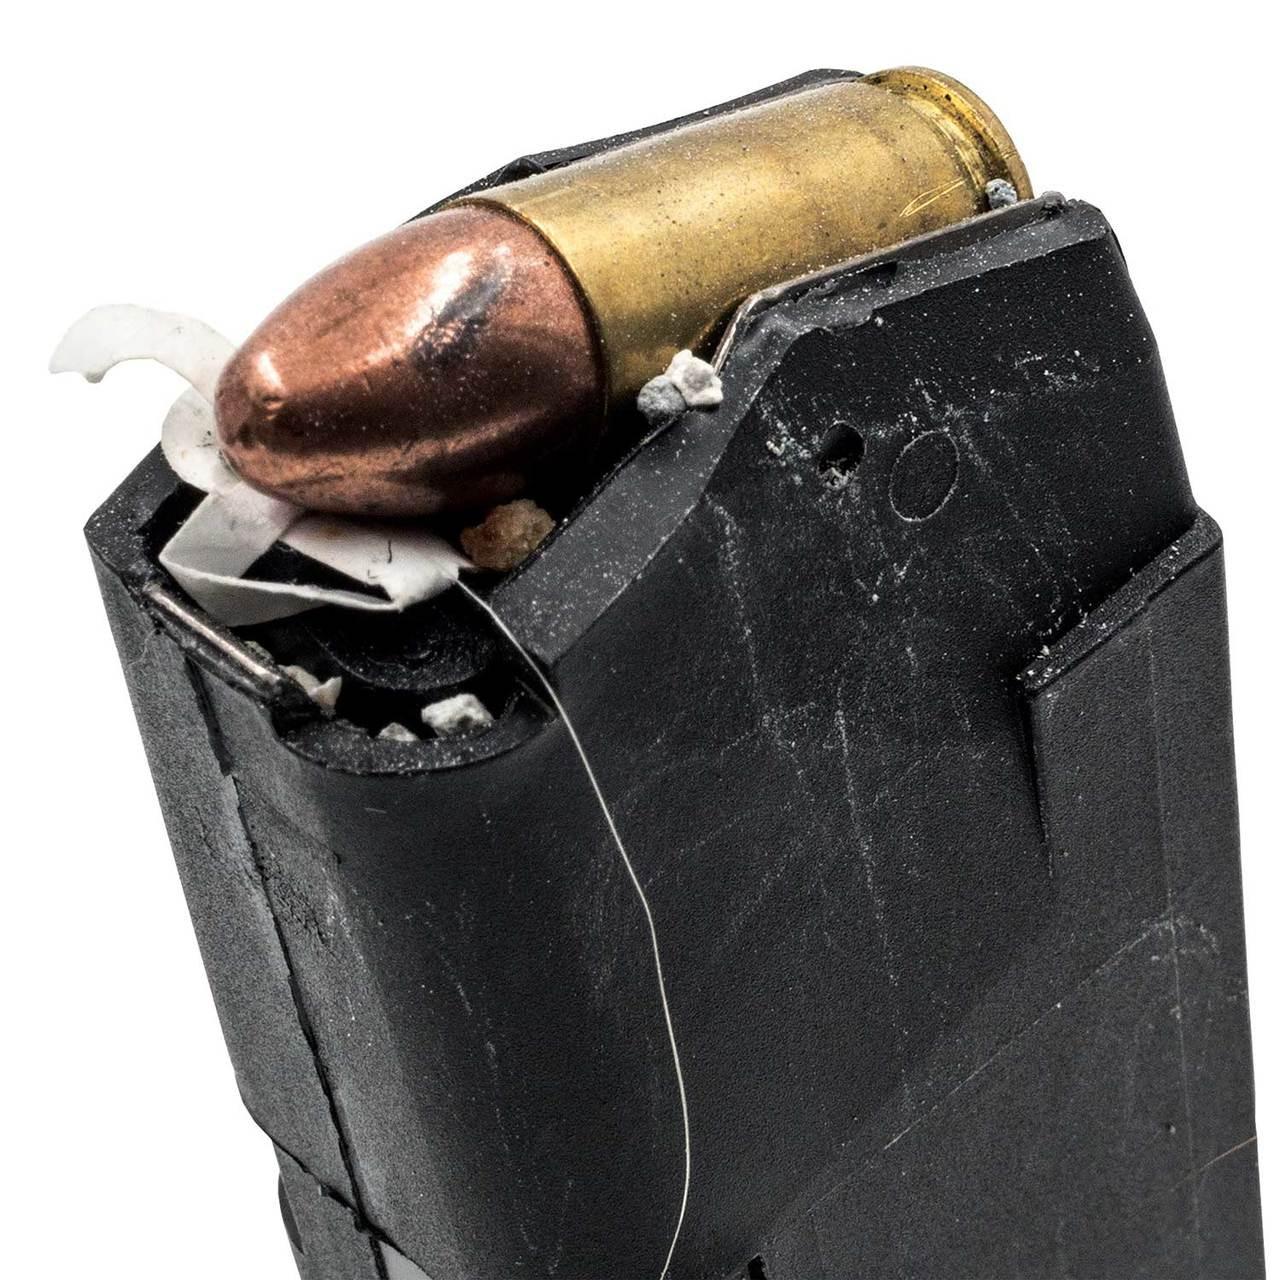 AA-01: Ammo Armor